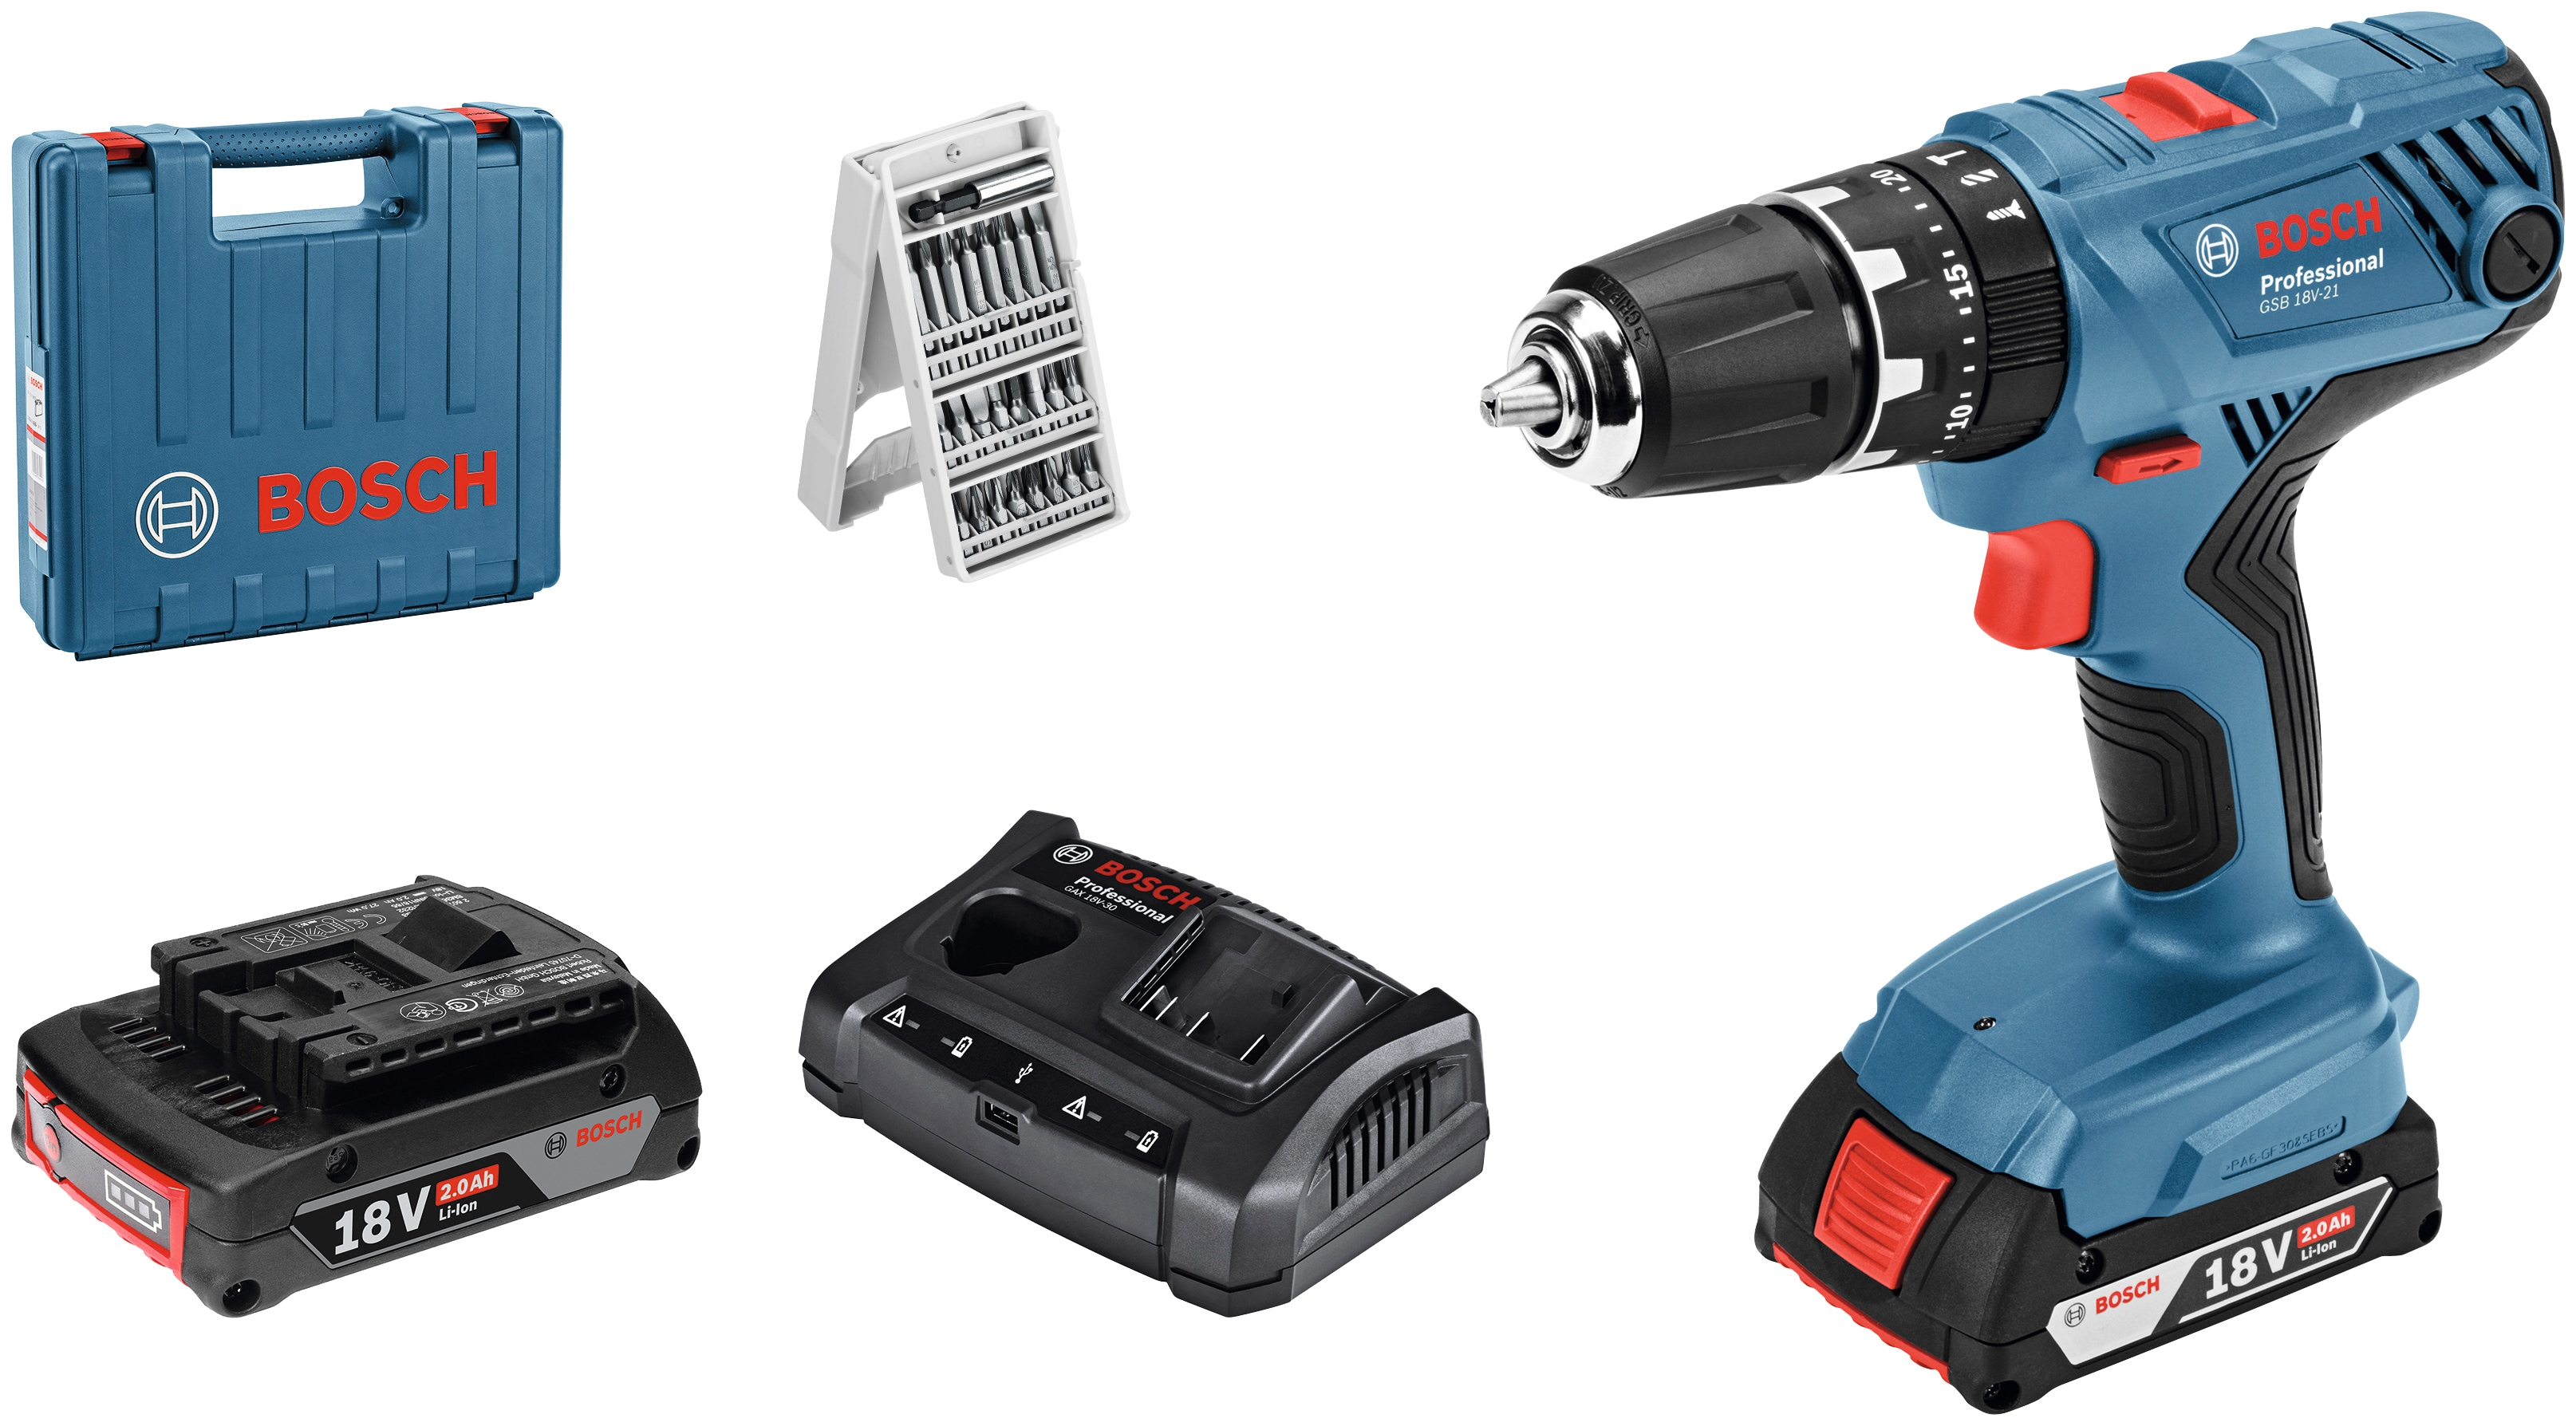 BOSCH PROFESSIONAL Set: Akku-Schlagbohrschrauber »GSB 18V-21«, mit 2. Akku, Ladegerät und 25-tlg. Bit-Set, im Koffer   Baumarkt > Werkzeug > Werkzeug-Sets   Blau   BOSCH PROFESSIONAL